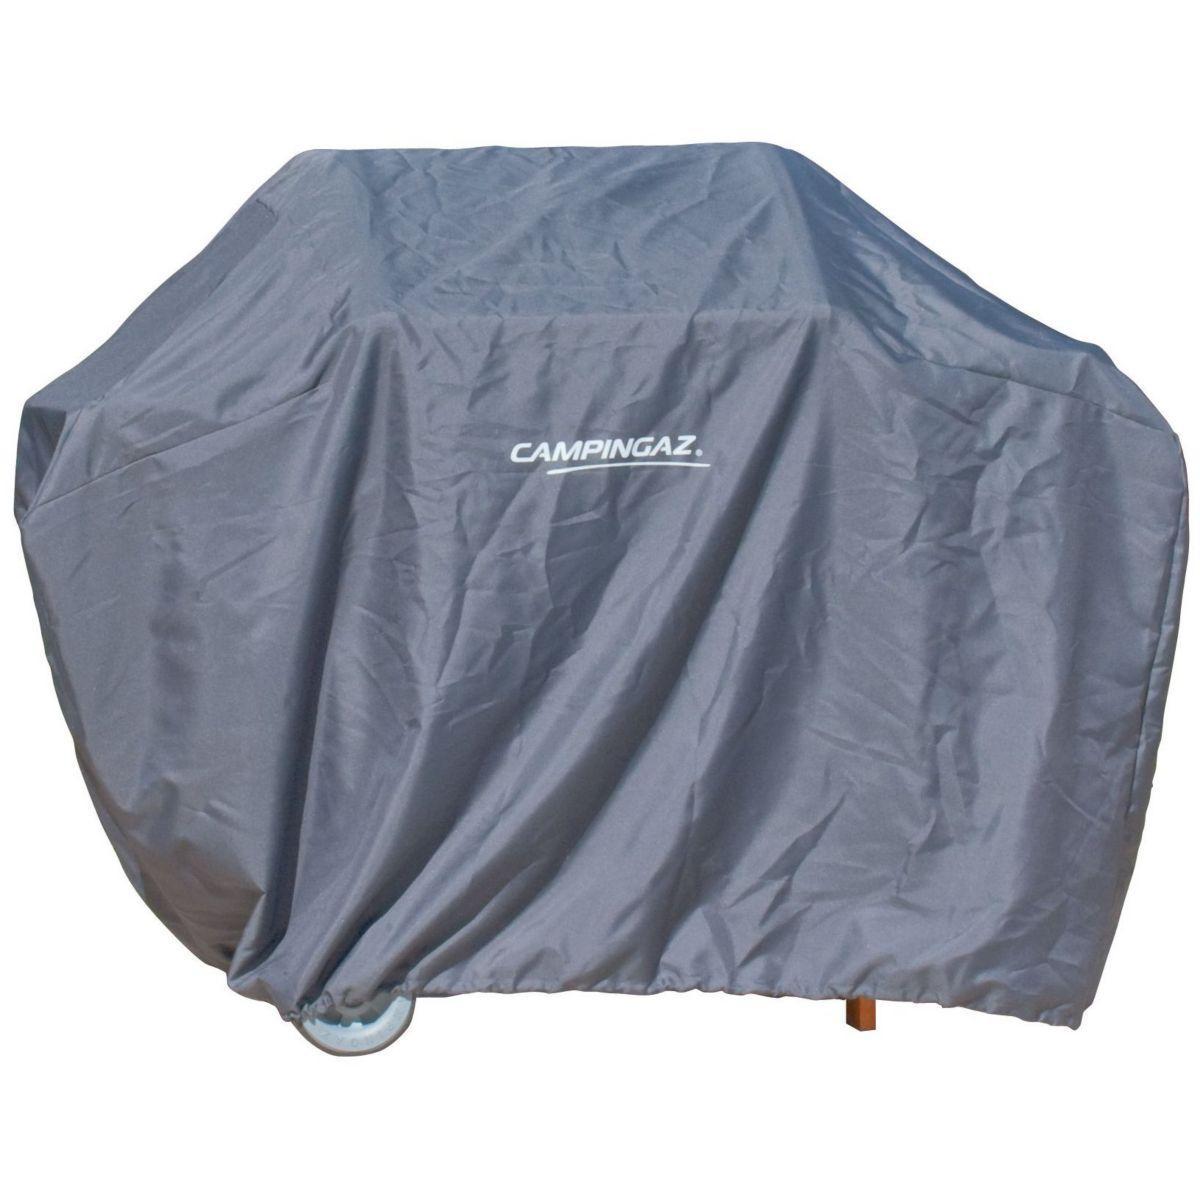 Housse campingaz respirante premium tail - 20% de remise immédiate avec le code : pam20 (photo)